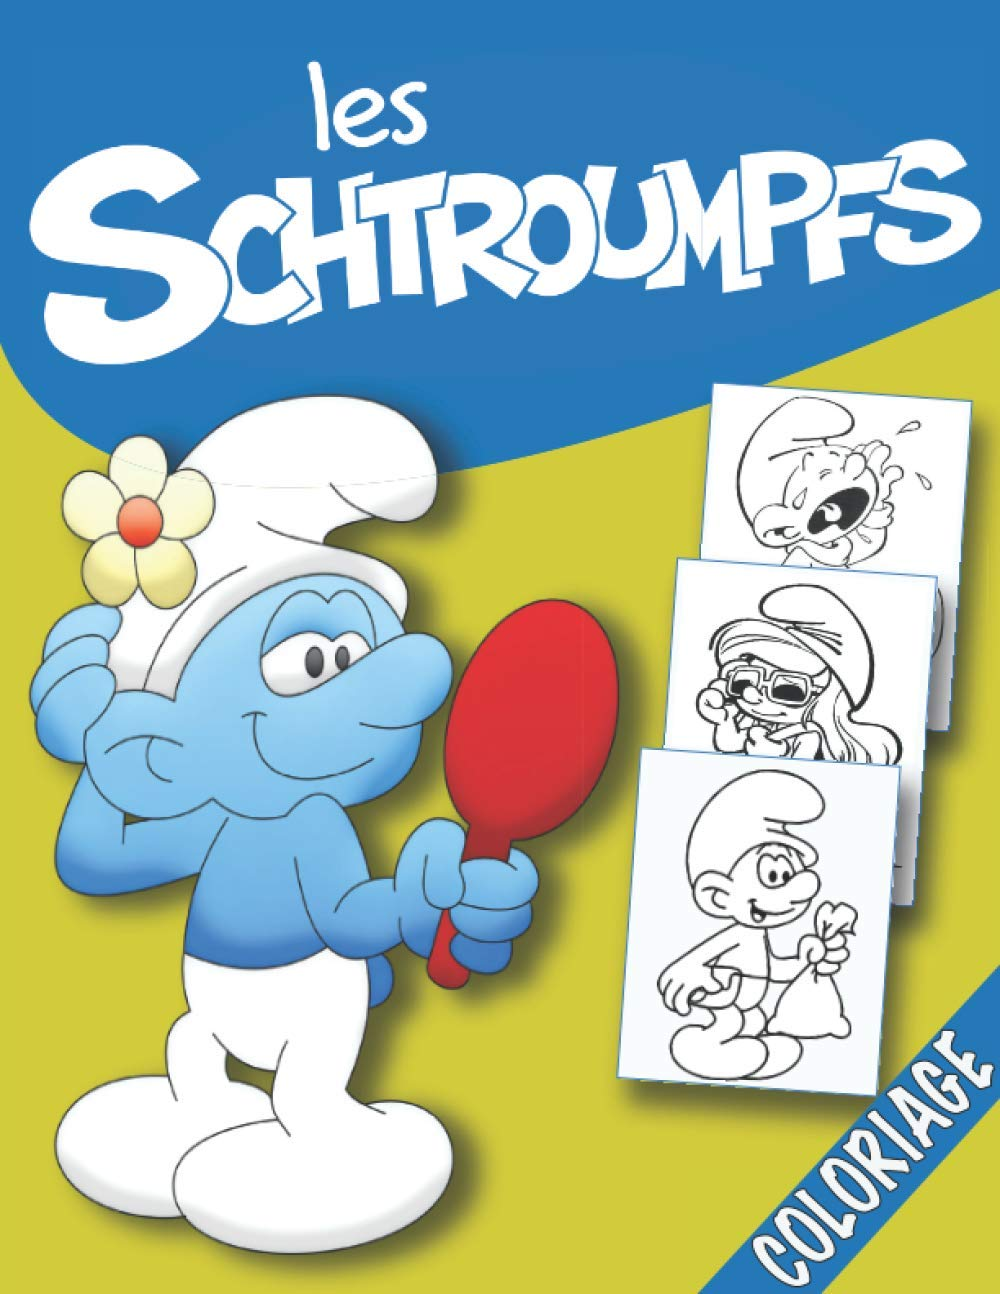 Les Schtroumpfs Coloriage L Arrivee De La Schtroumpfette French Edition Publisher Azf 9798683834388 Amazon Com Books